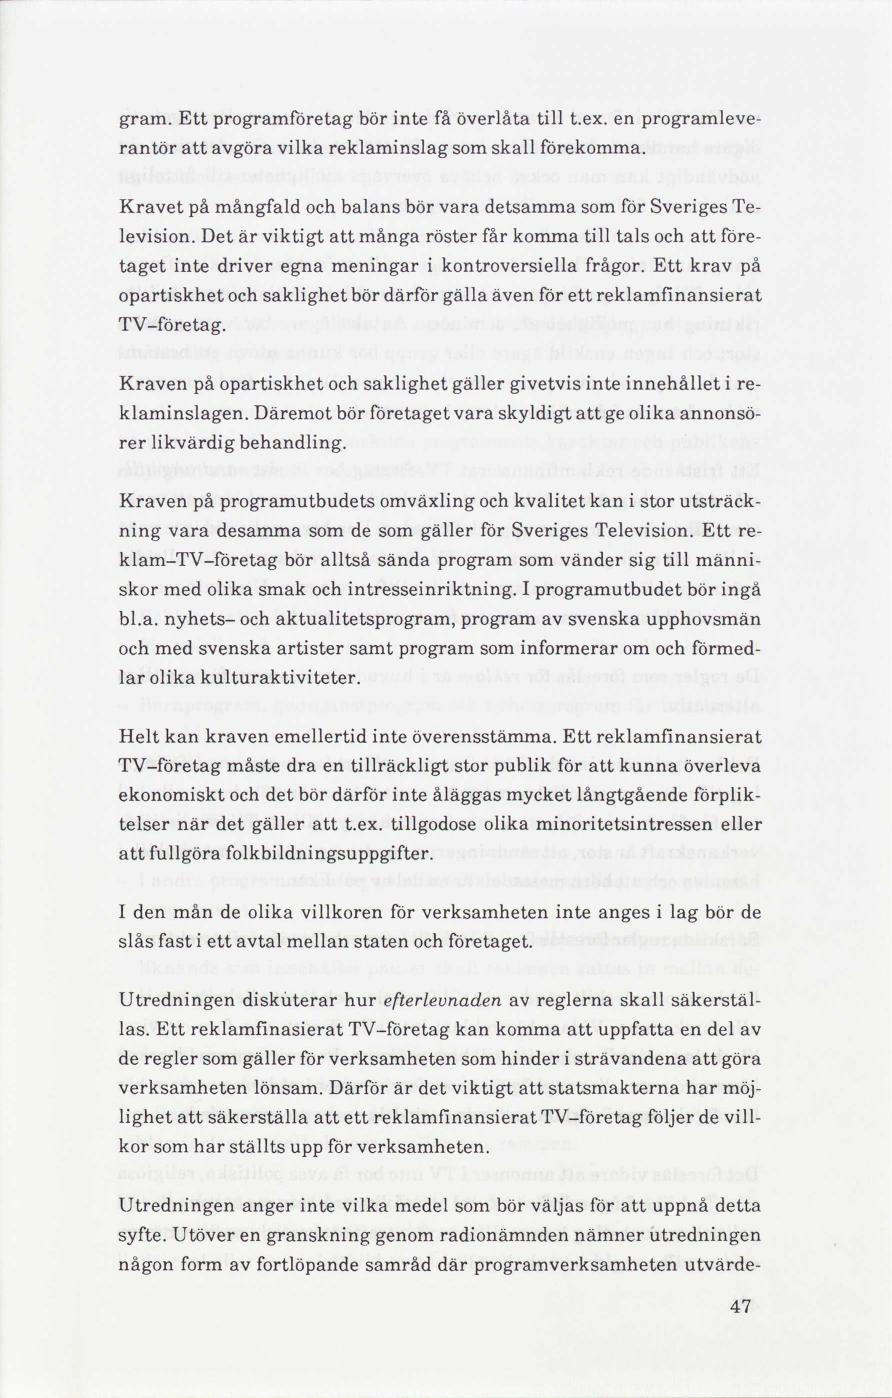 Lagstiftning för reklam i svensk TV   delbetänkande  0edaf70188c9e